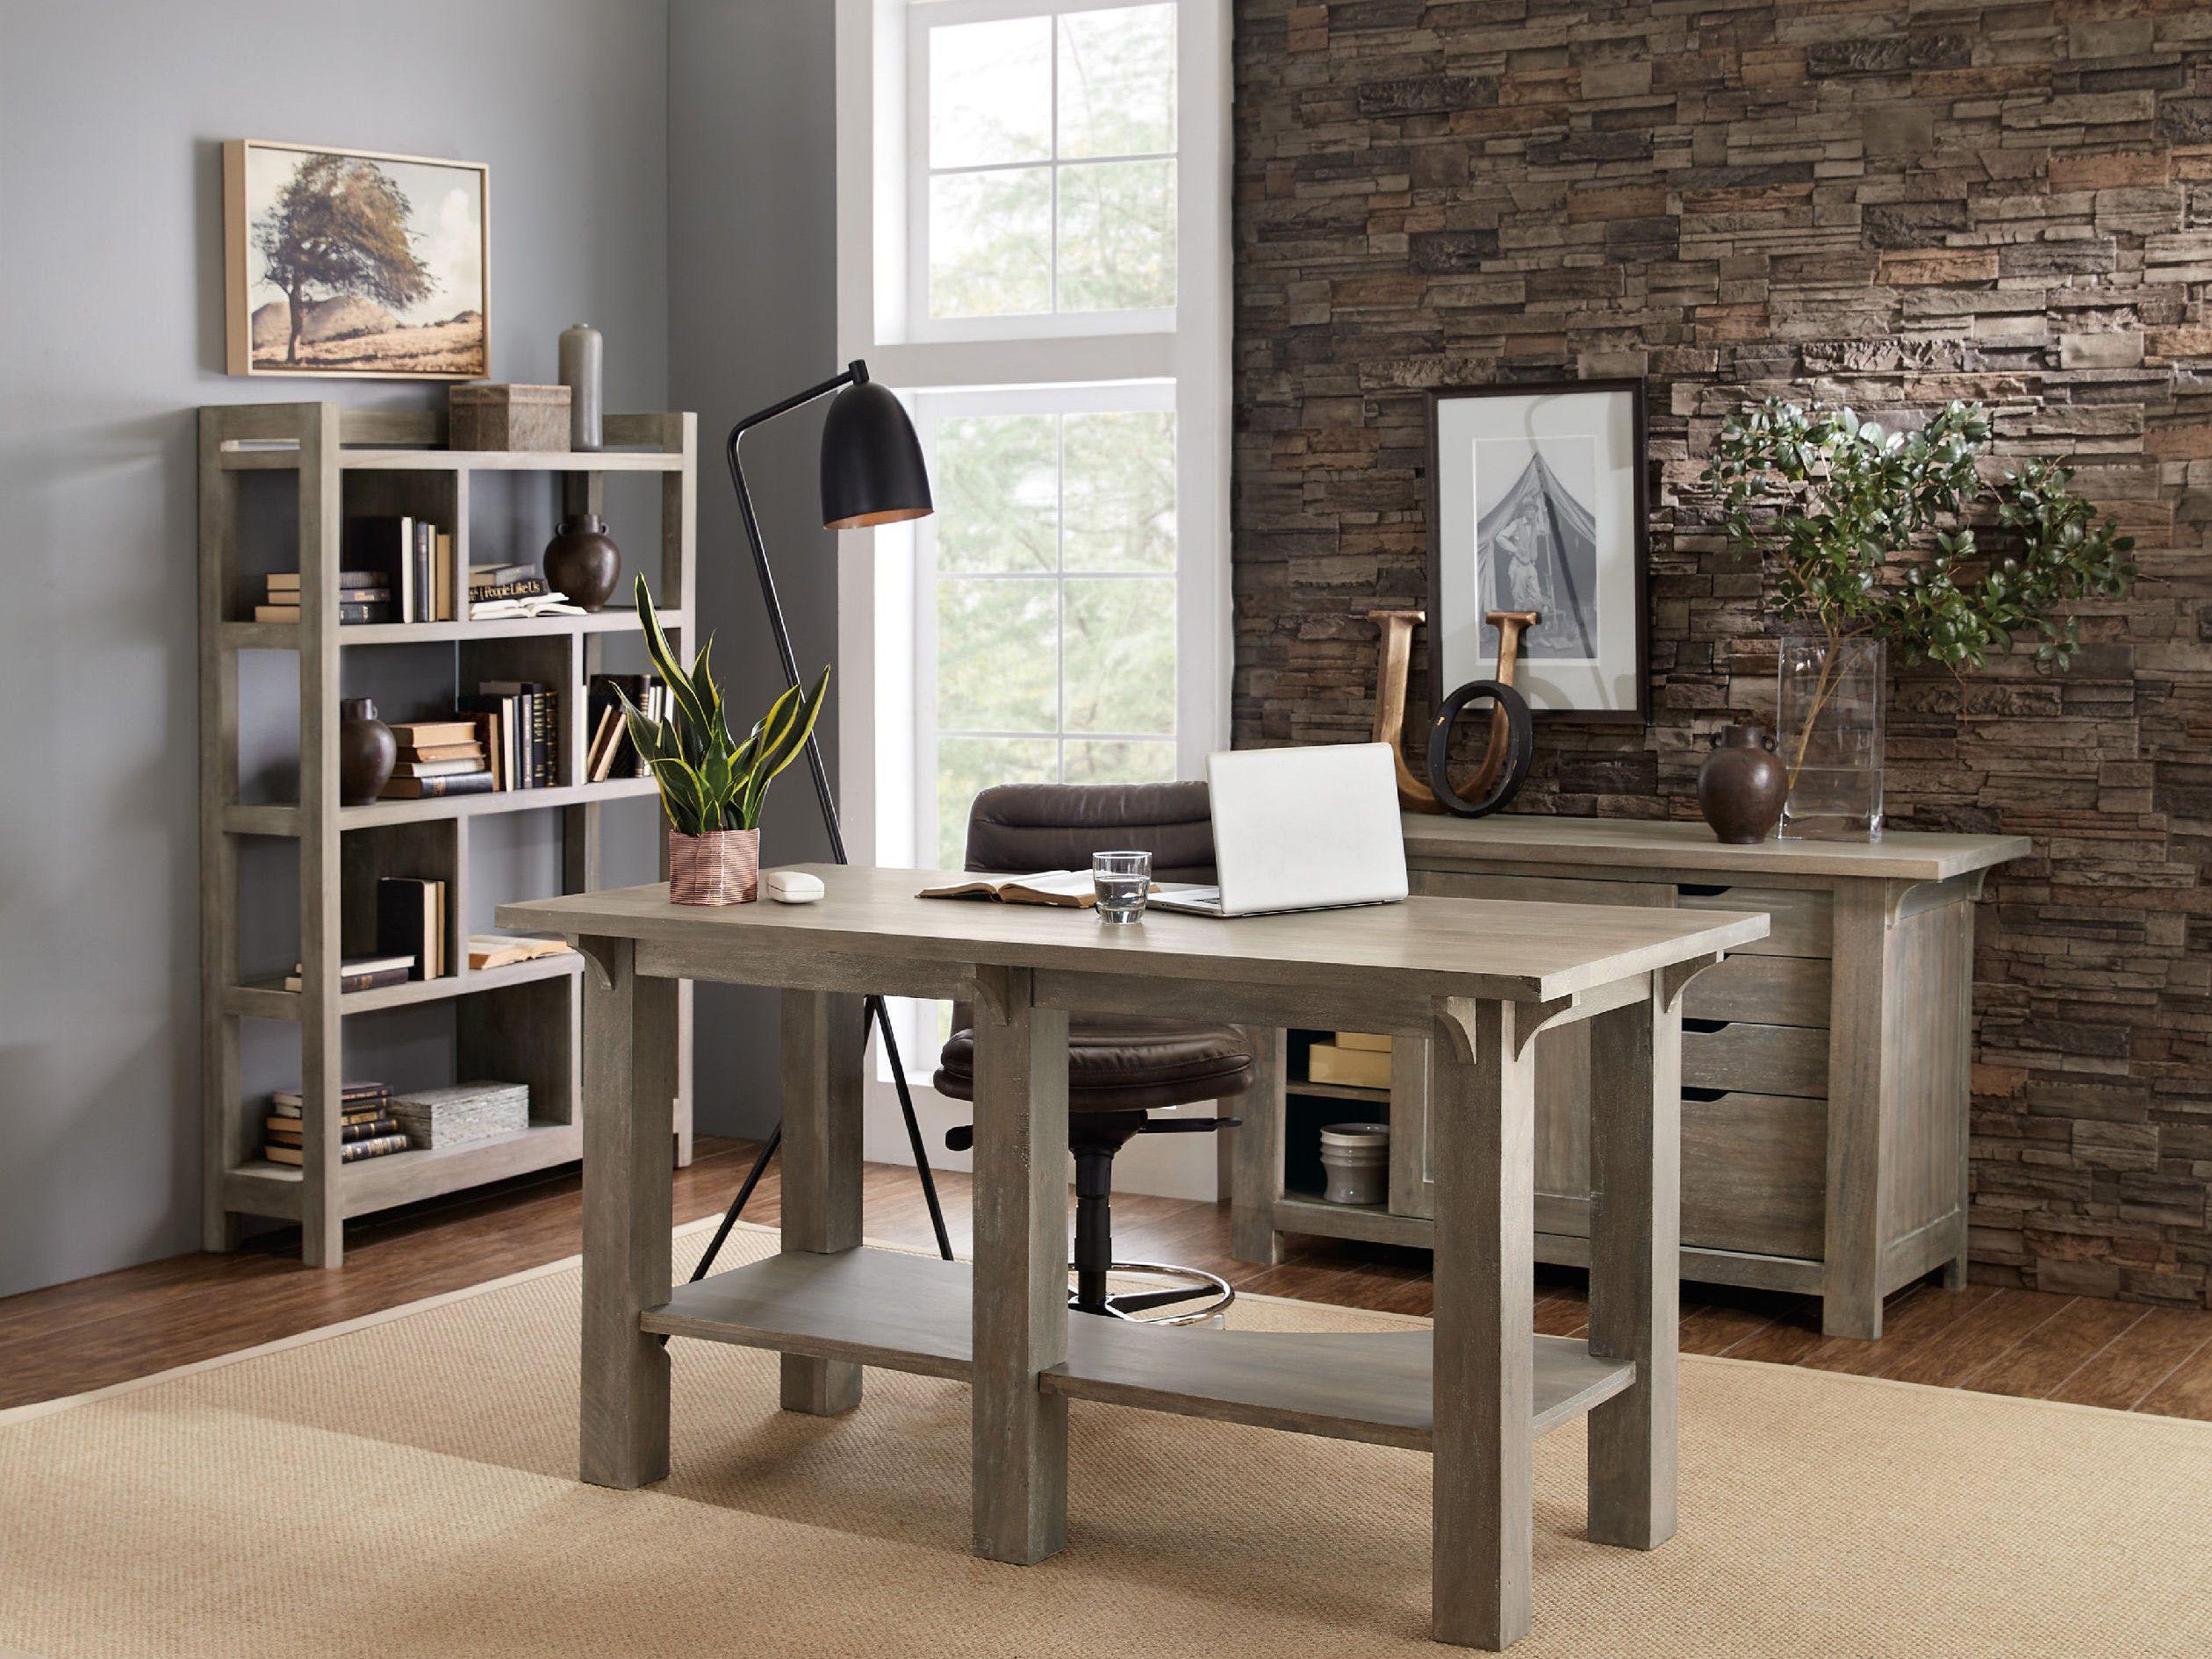 Hooker Furniture Urban Farmhouse Gray 72''L x 32''W ...